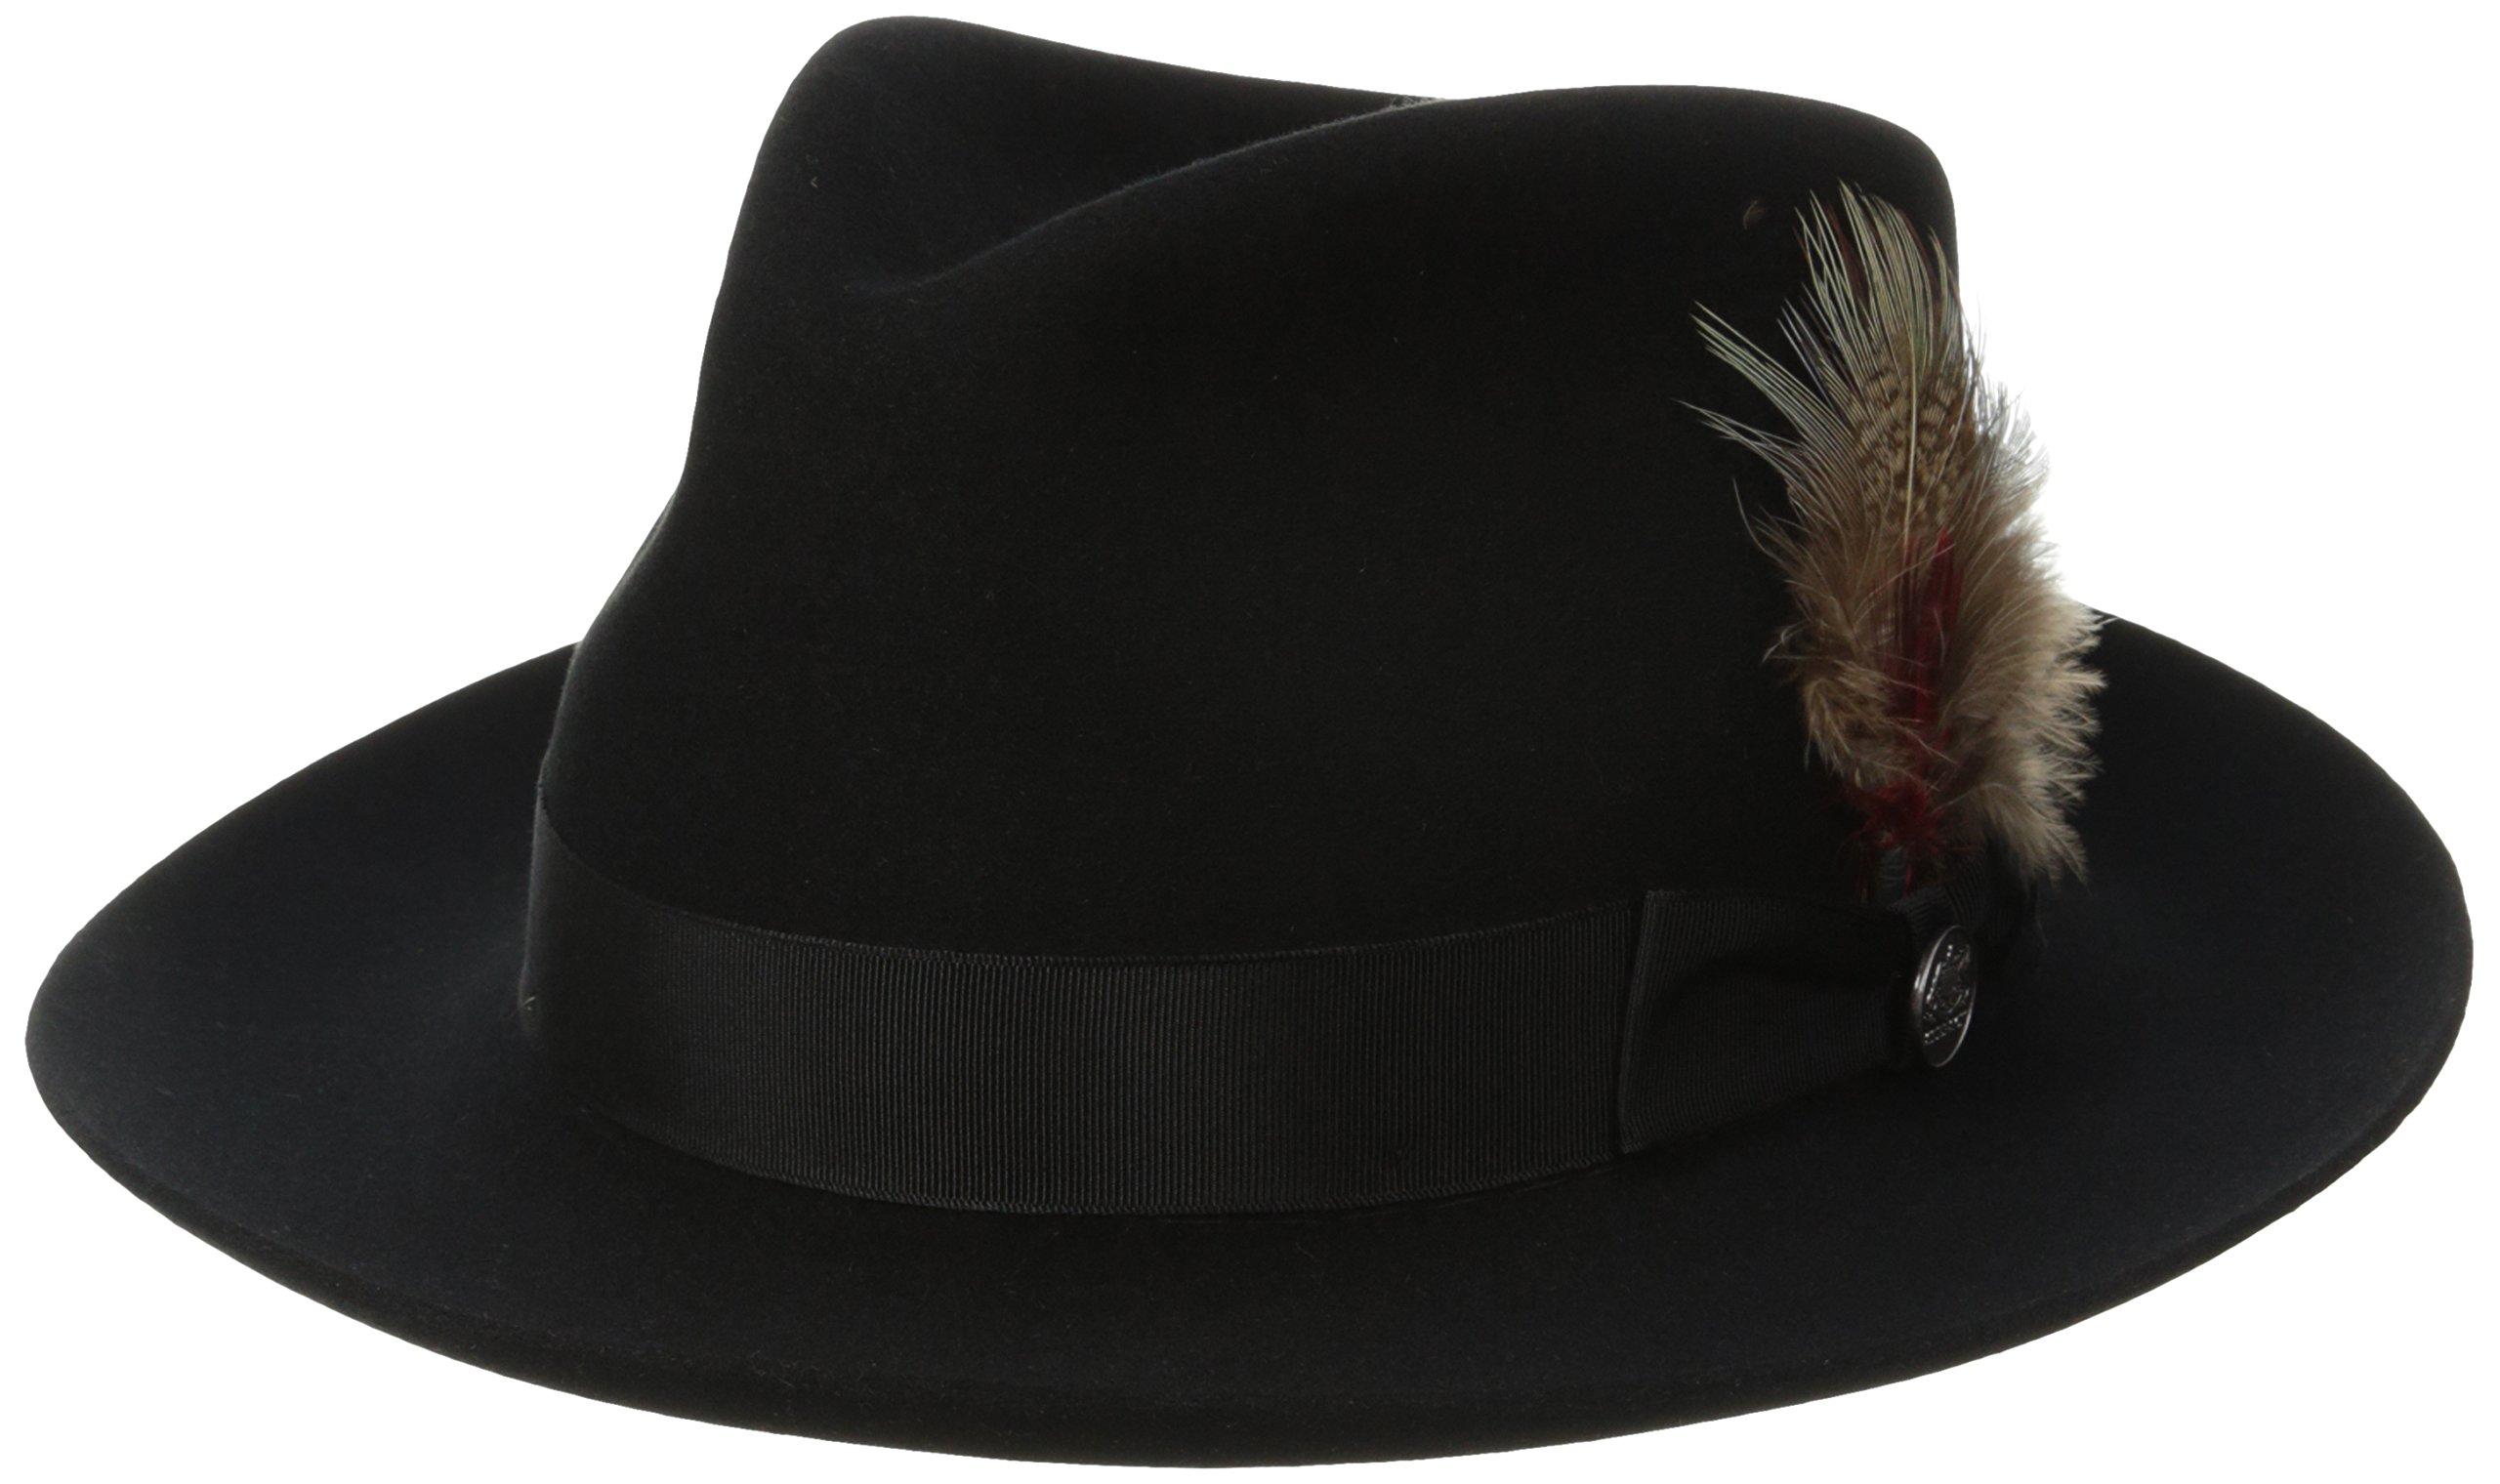 Stetson Men's Downs Royal Quality Fur Felt Hat, Black, 7.125